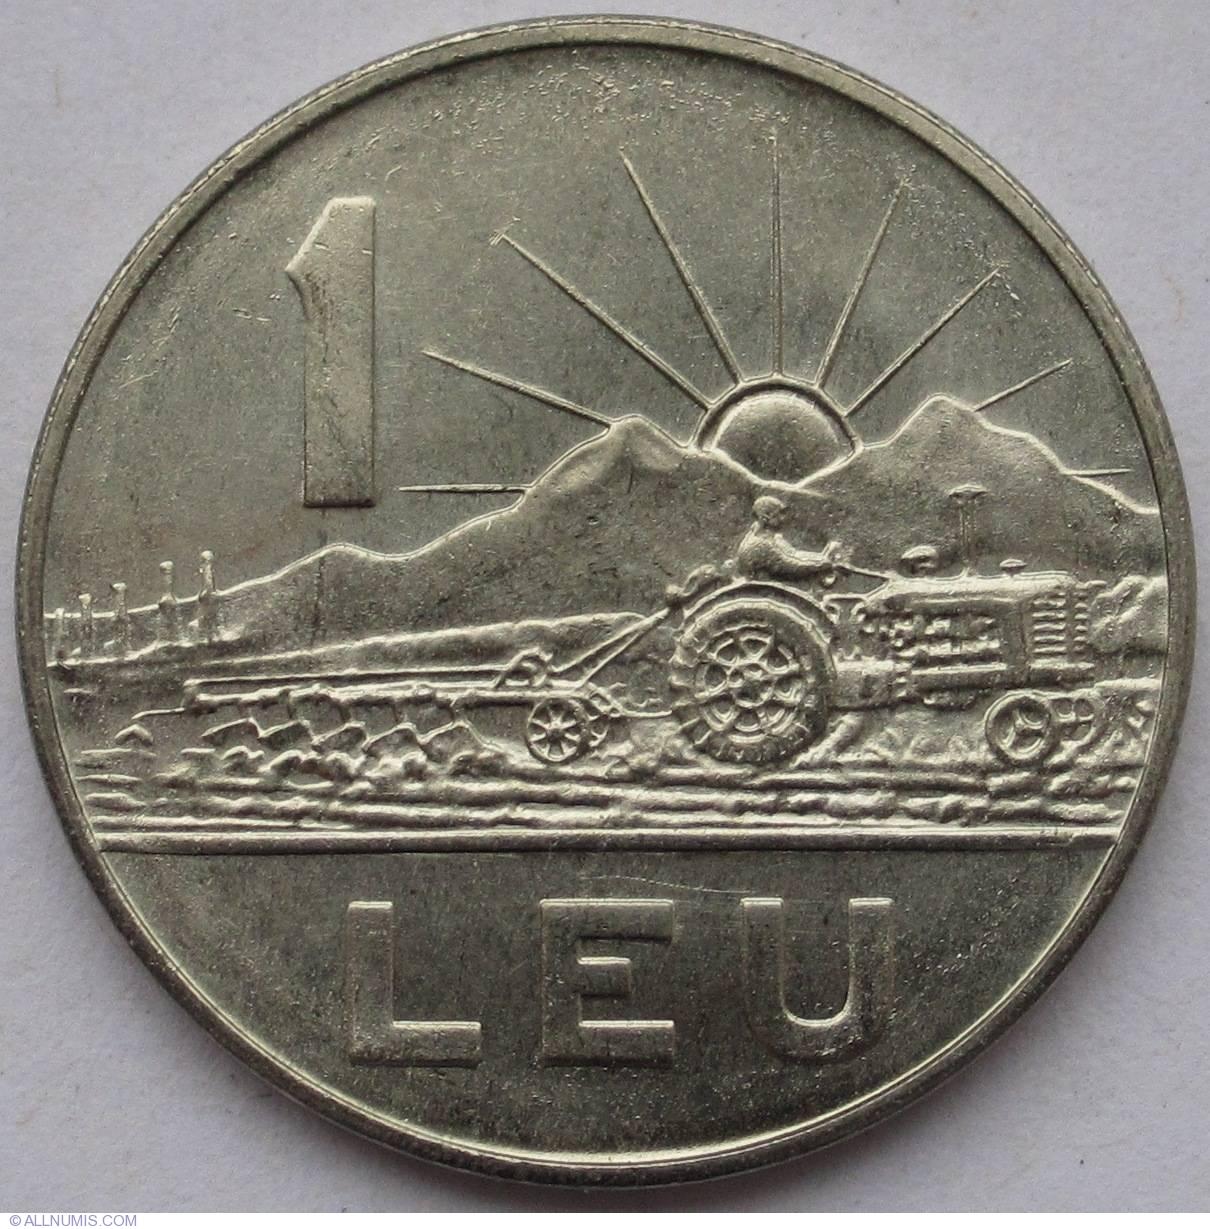 1 leu 1966 сколько стоит сто рублей 1993 года бумажные